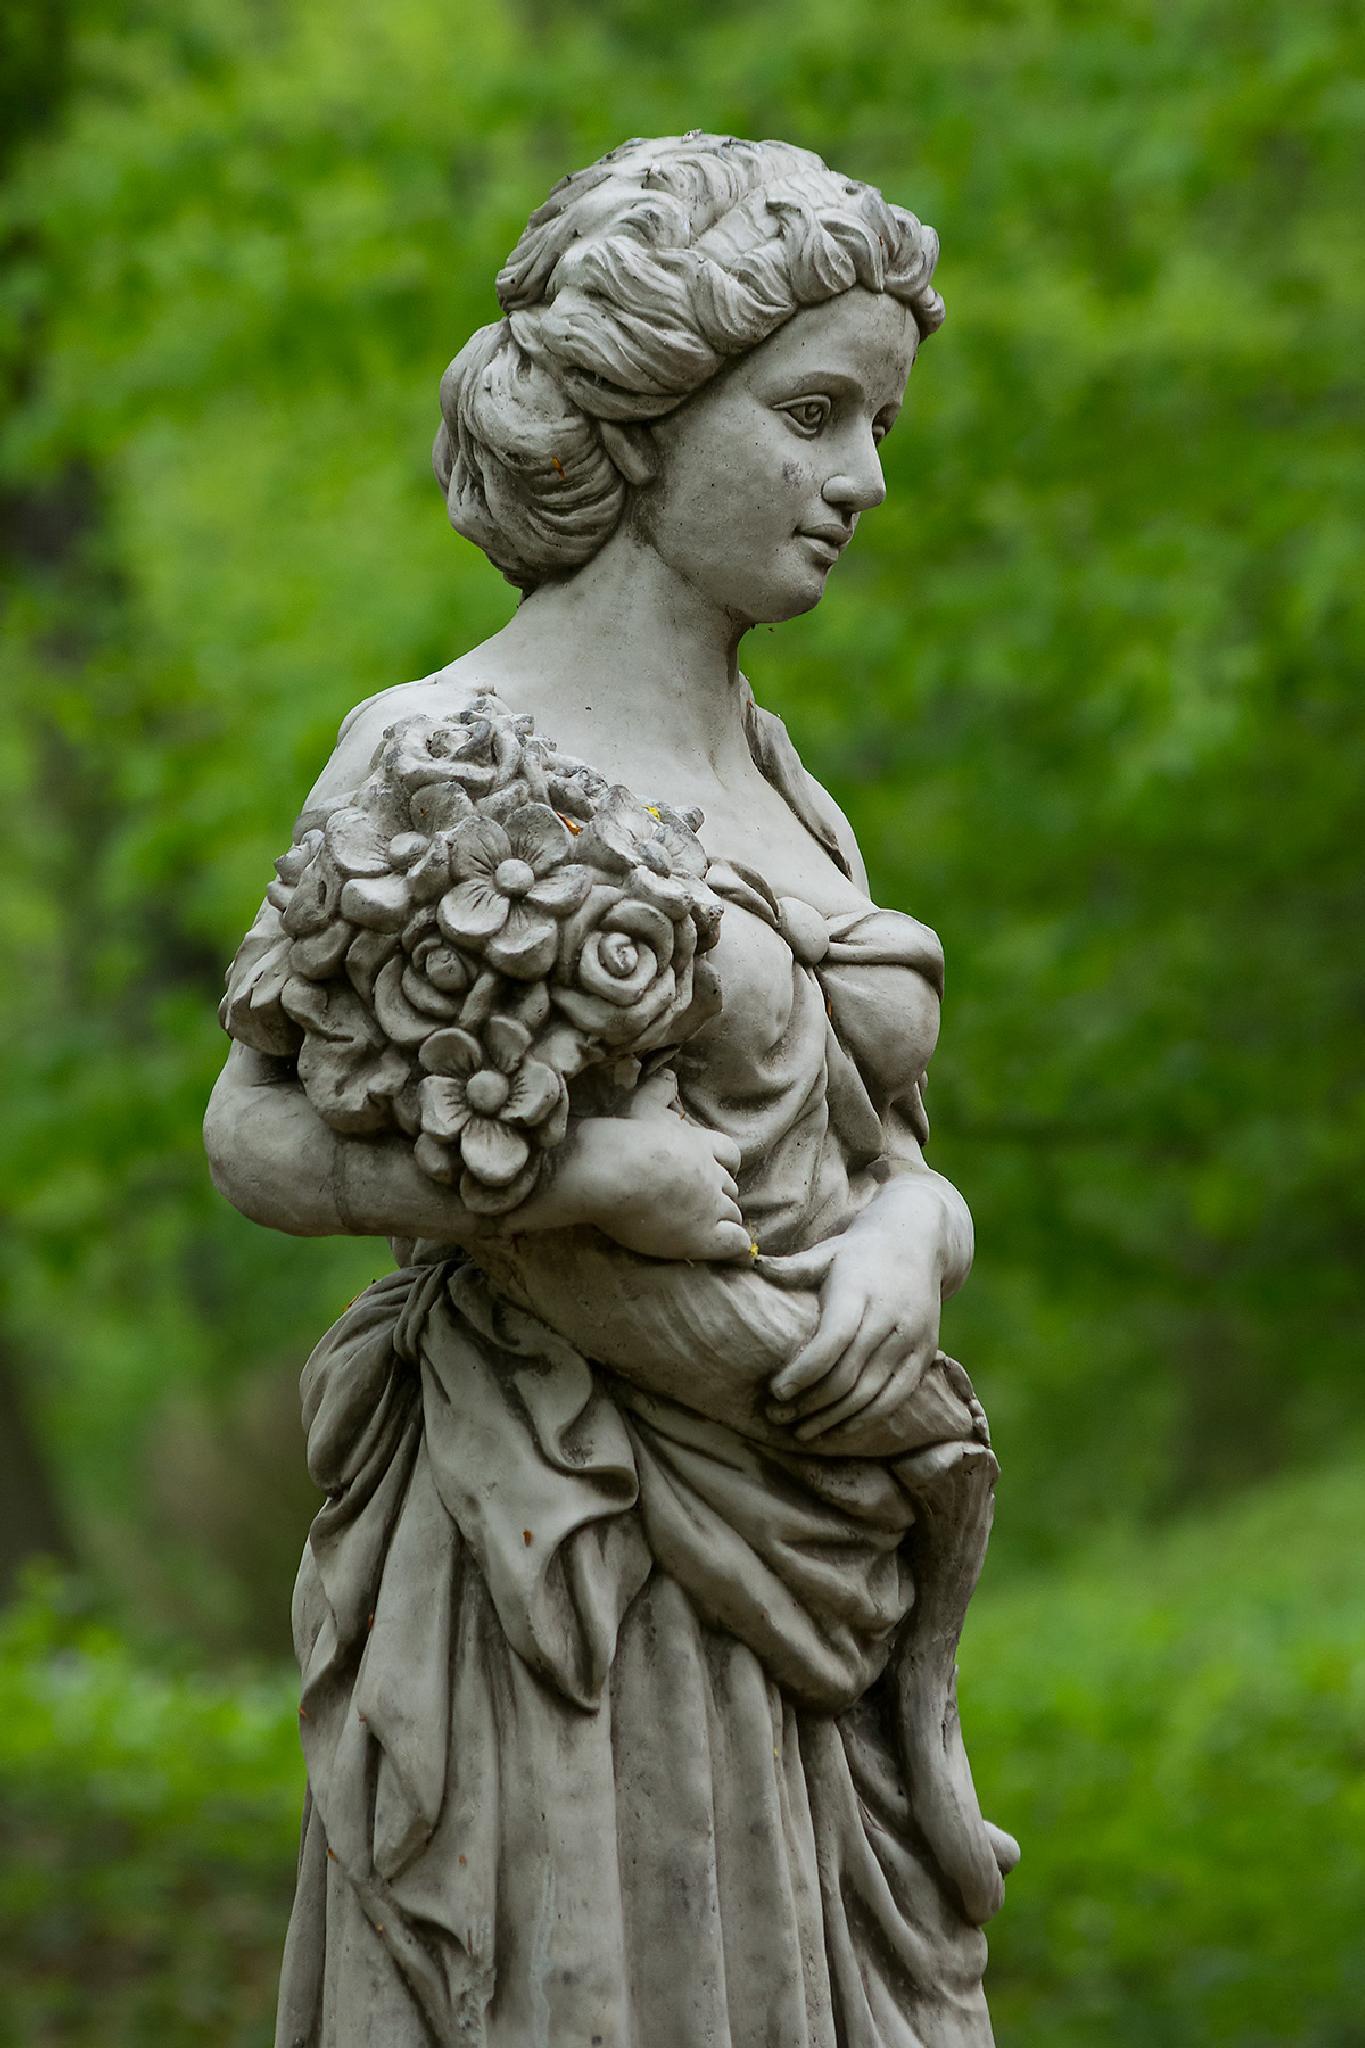 Statue by Juergen Mayer